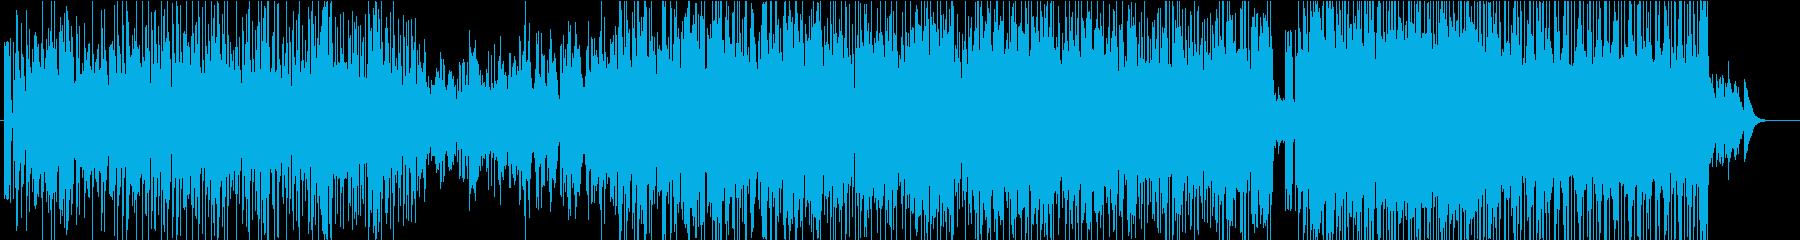 民族楽器を使用したダンスミュージックの再生済みの波形